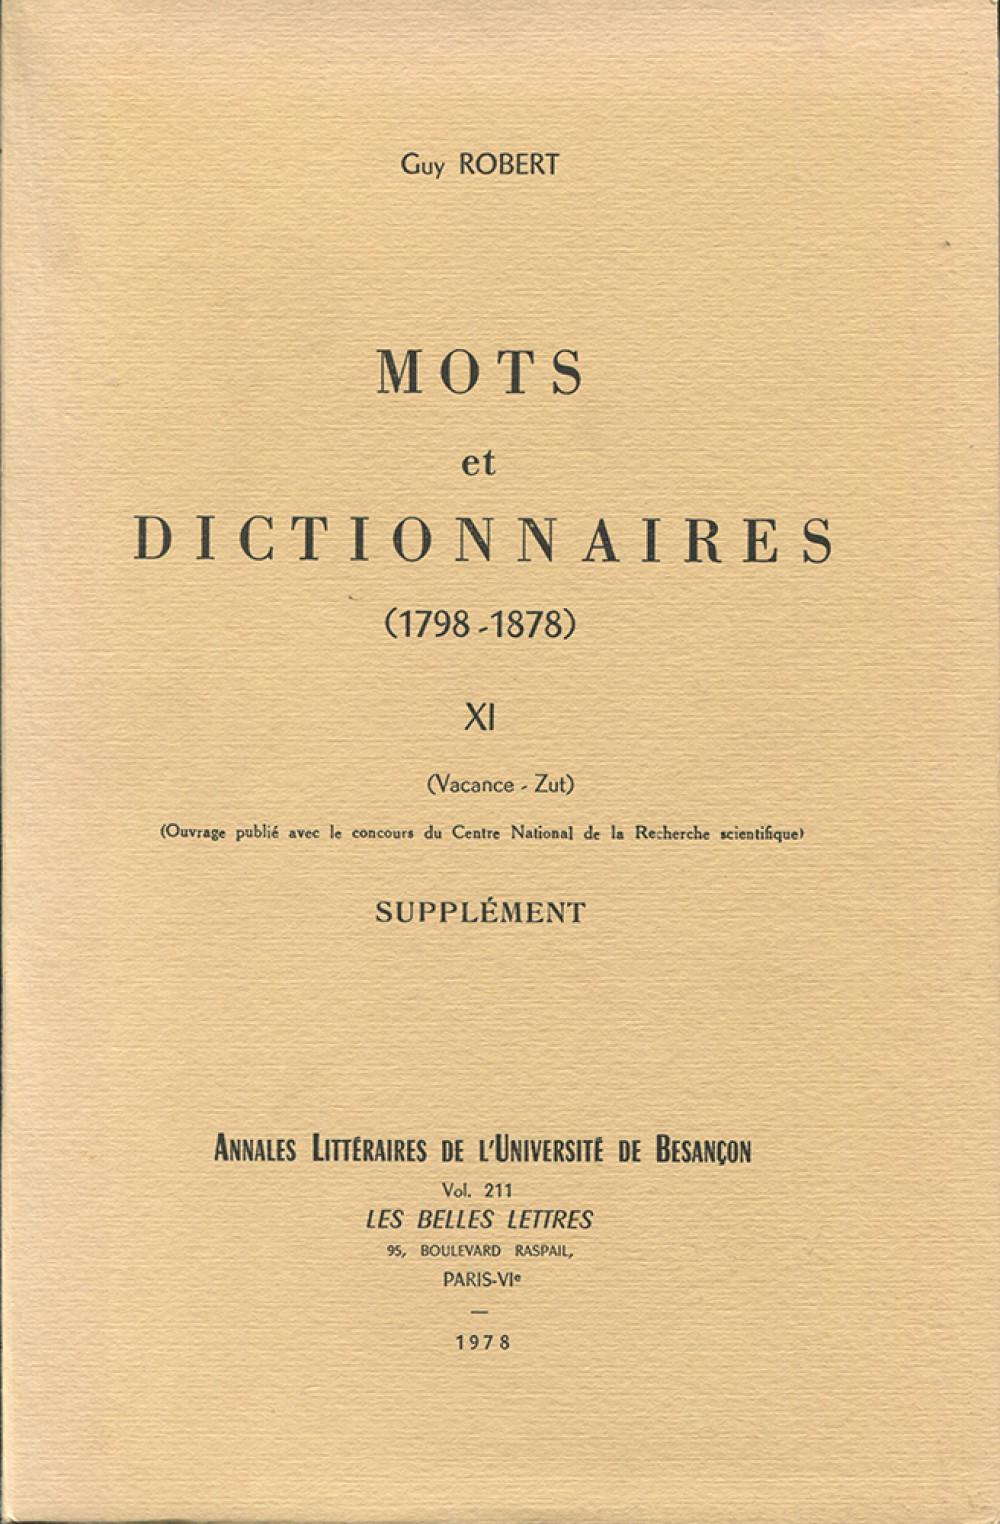 Mots et dictionnaires XI (1798-1878)